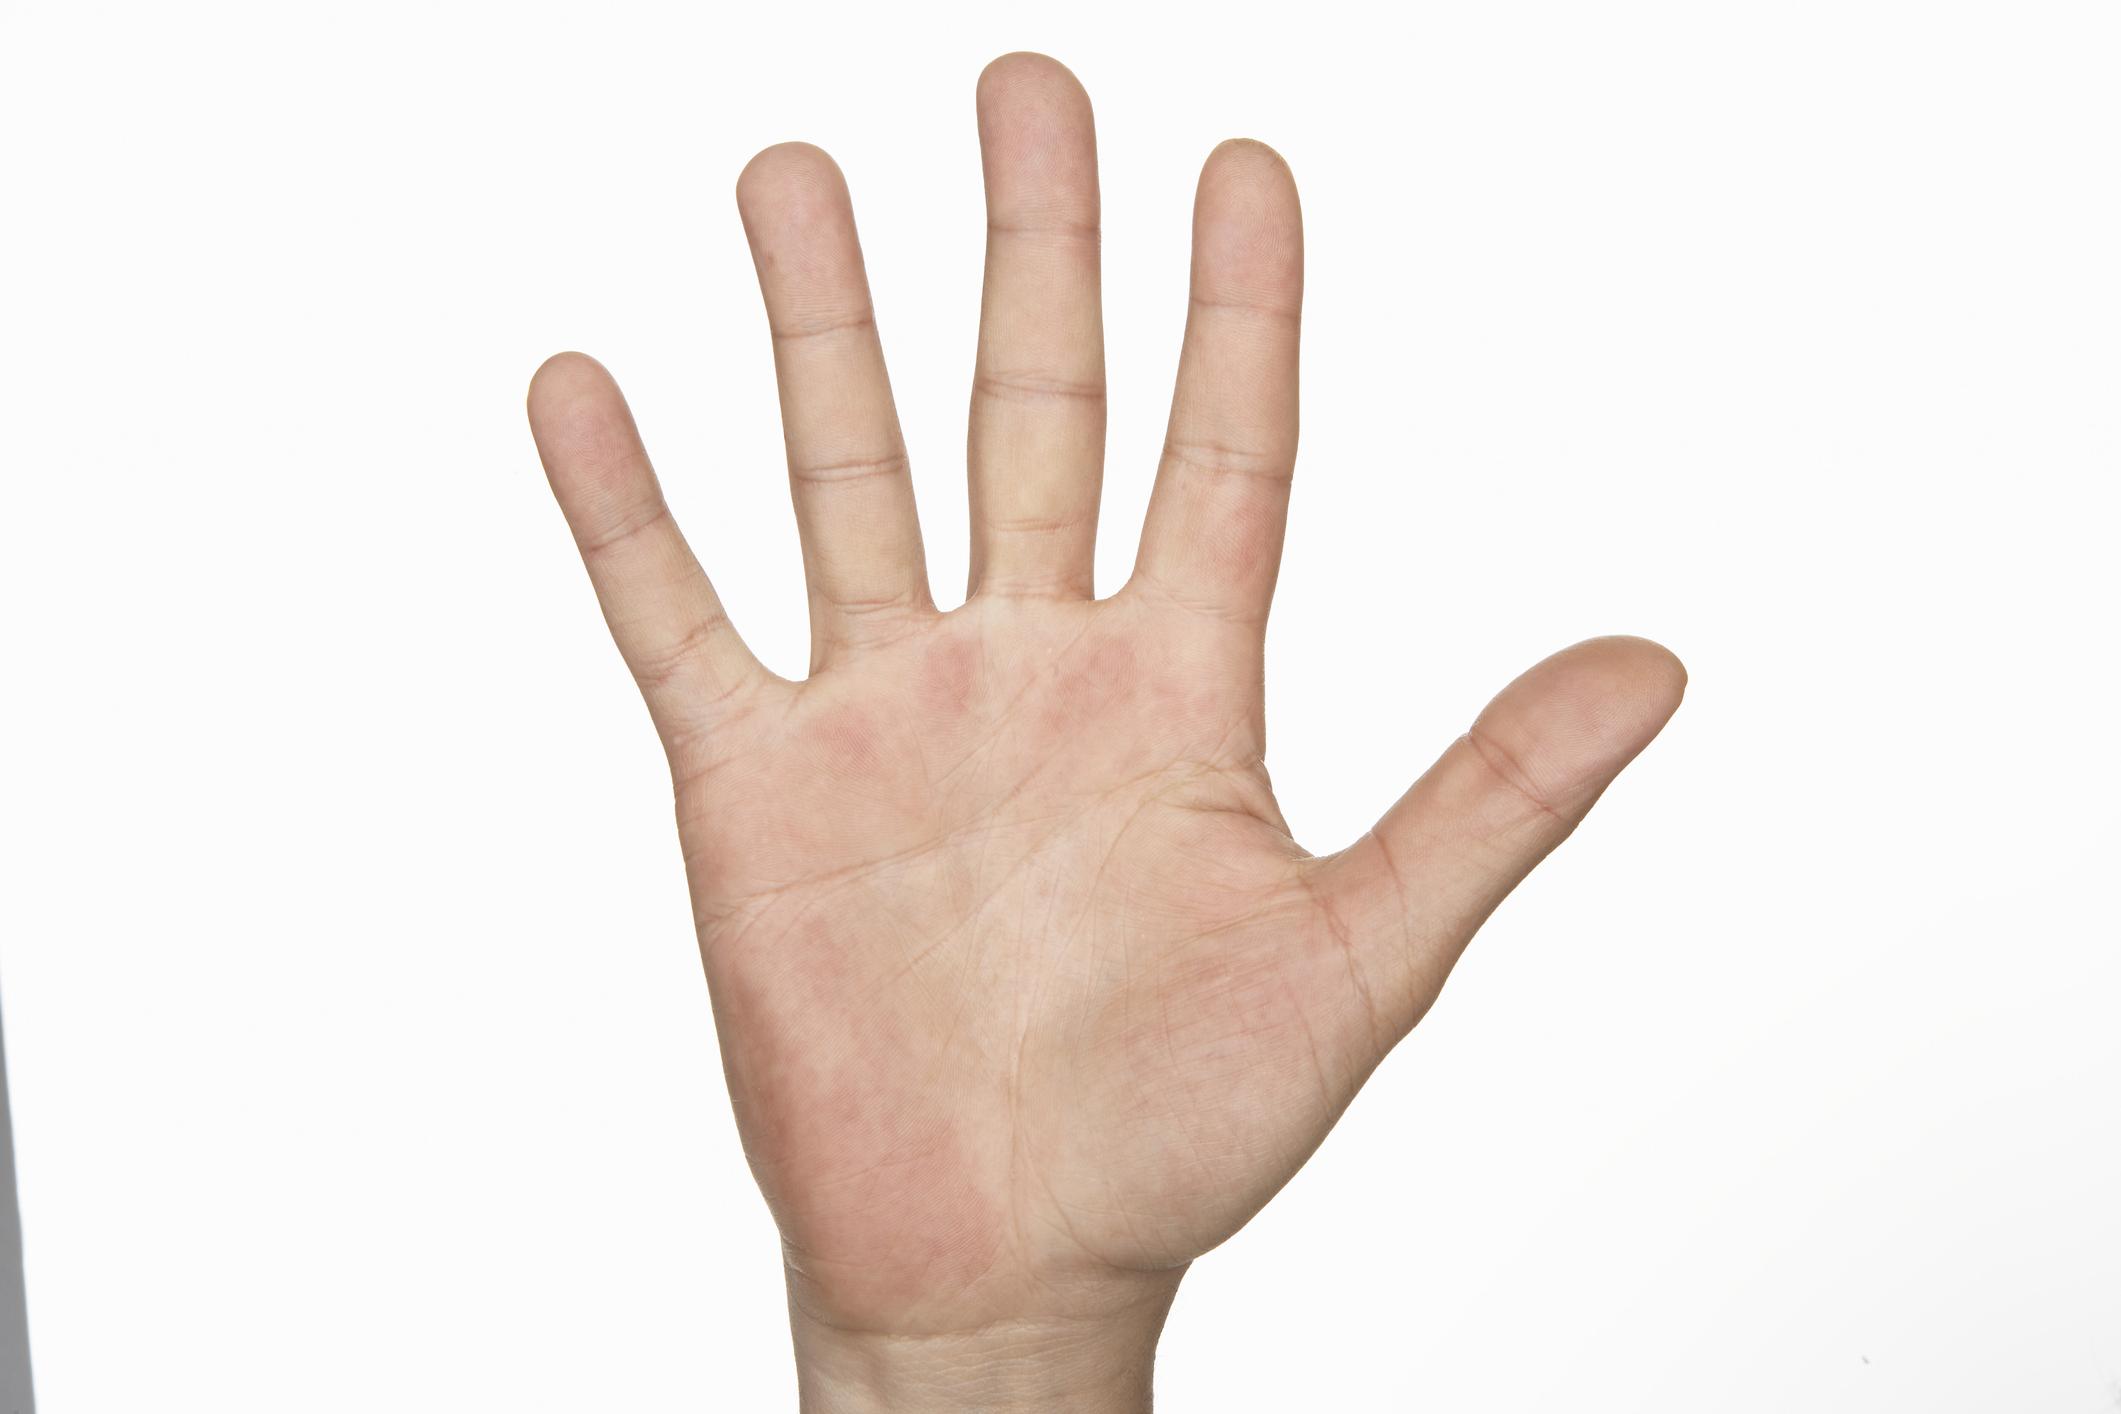 vörös folt jelent meg a kézen az ujjak között